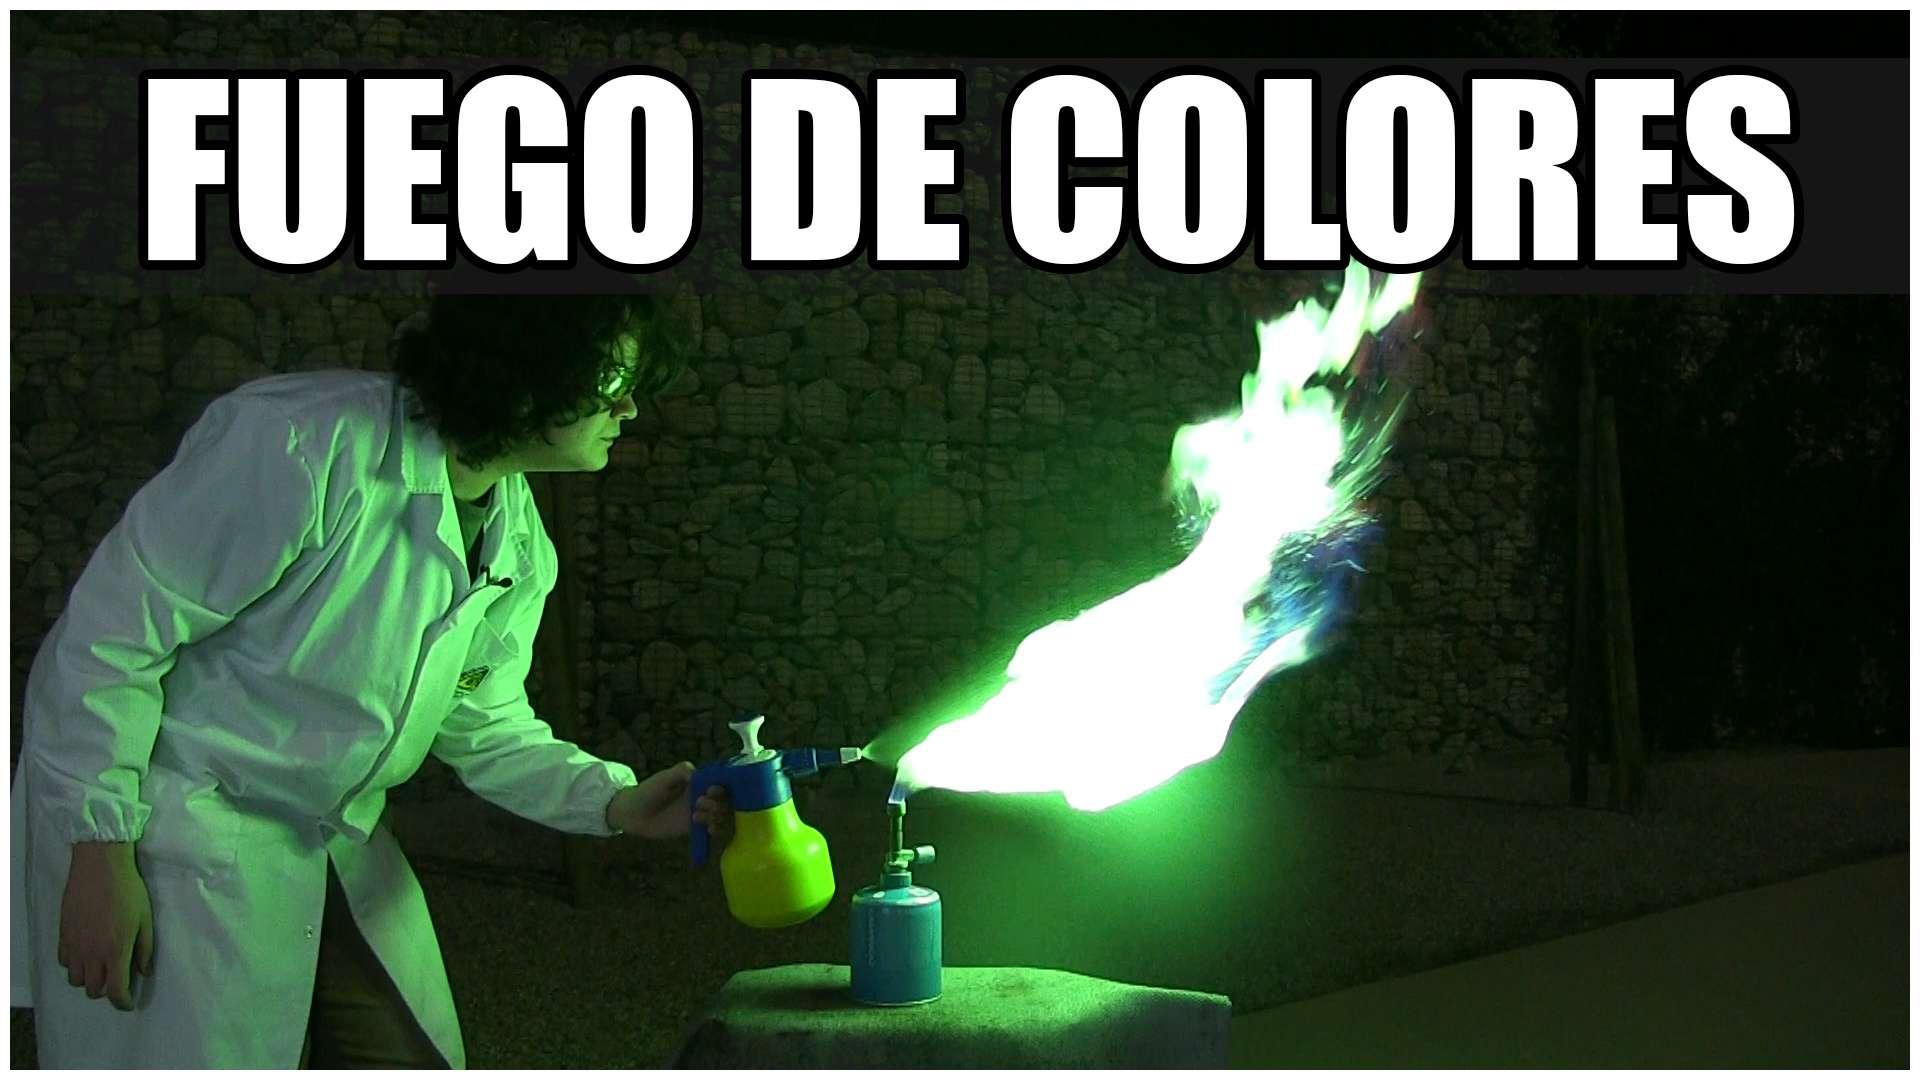 Fuego de colores!